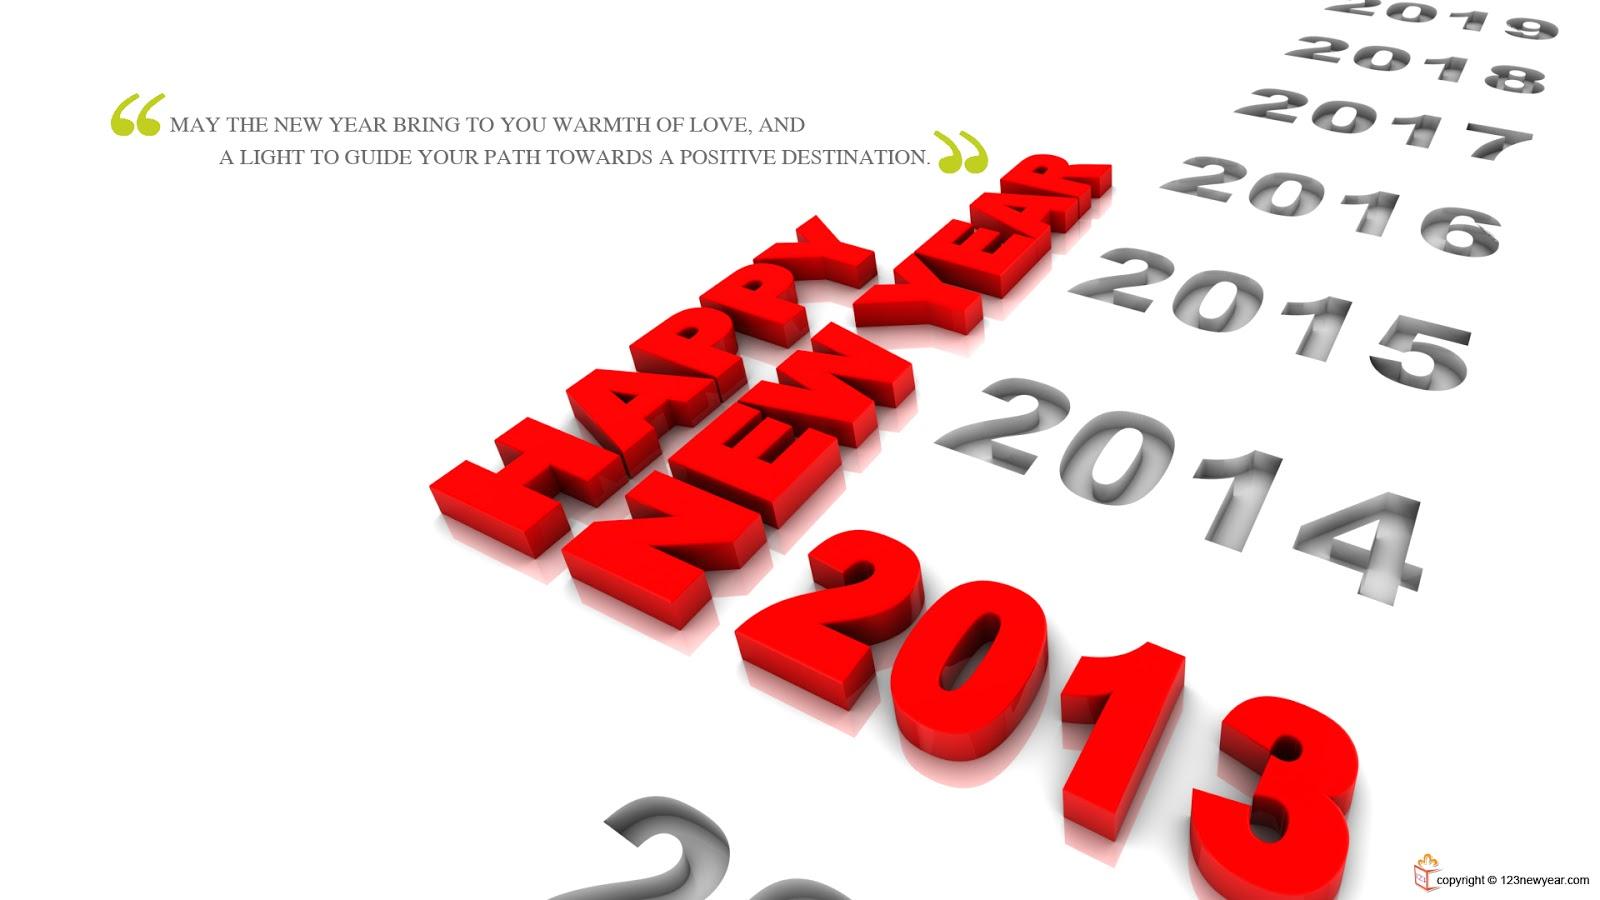 http://3.bp.blogspot.com/-H-MeyZvoZ4g/UNU2io-SoBI/AAAAAAAAc5Y/IYM24OOC_cQ/s1600/nguyenhaiblog.blogspot.com__happy-new-year-2013+(15).jpg